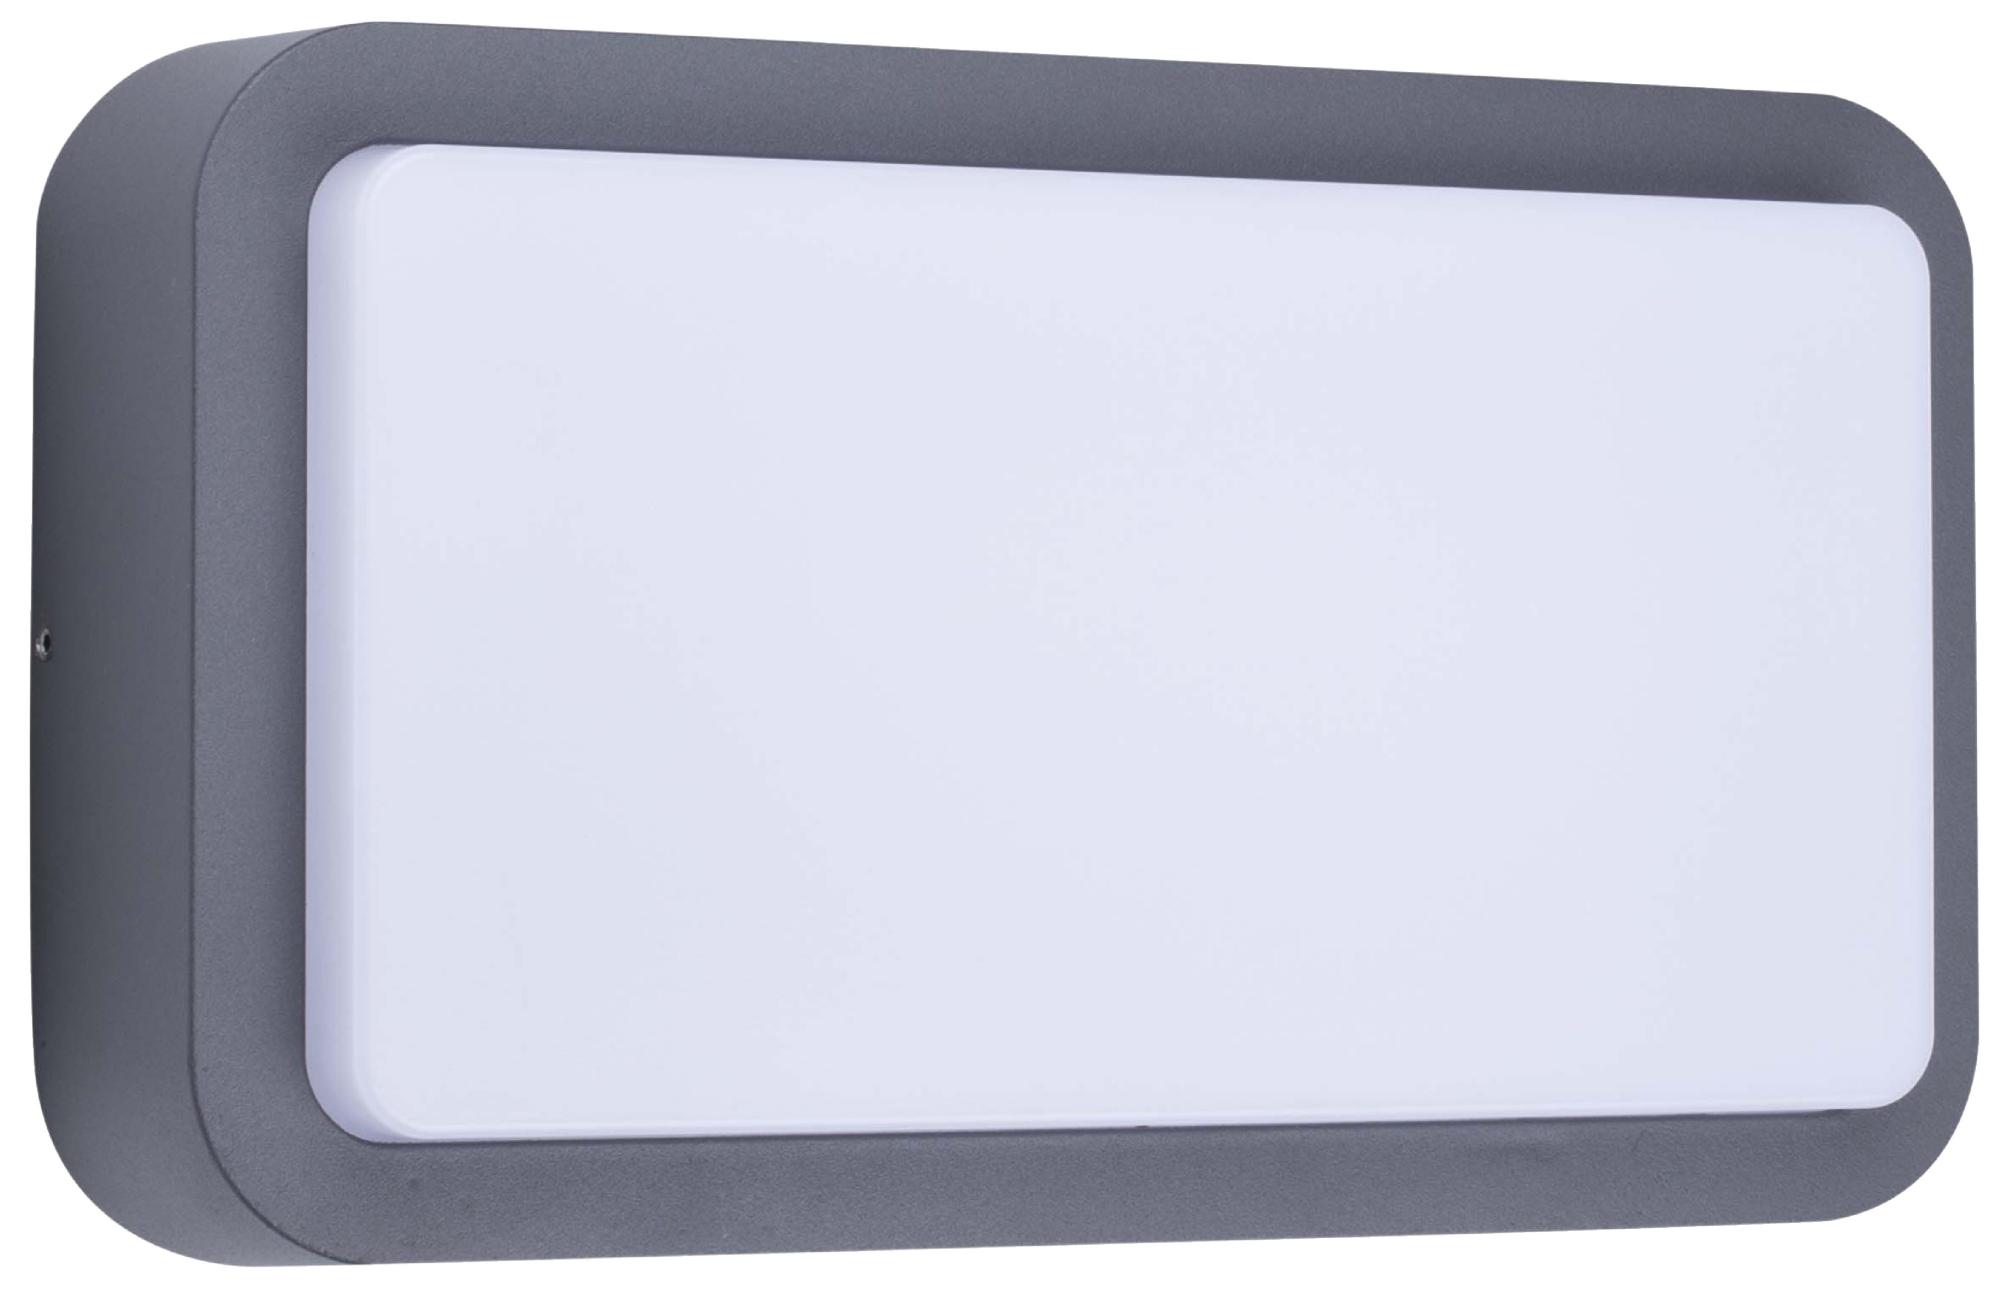 GWI-001-HS LUZ EXTERIOR LED